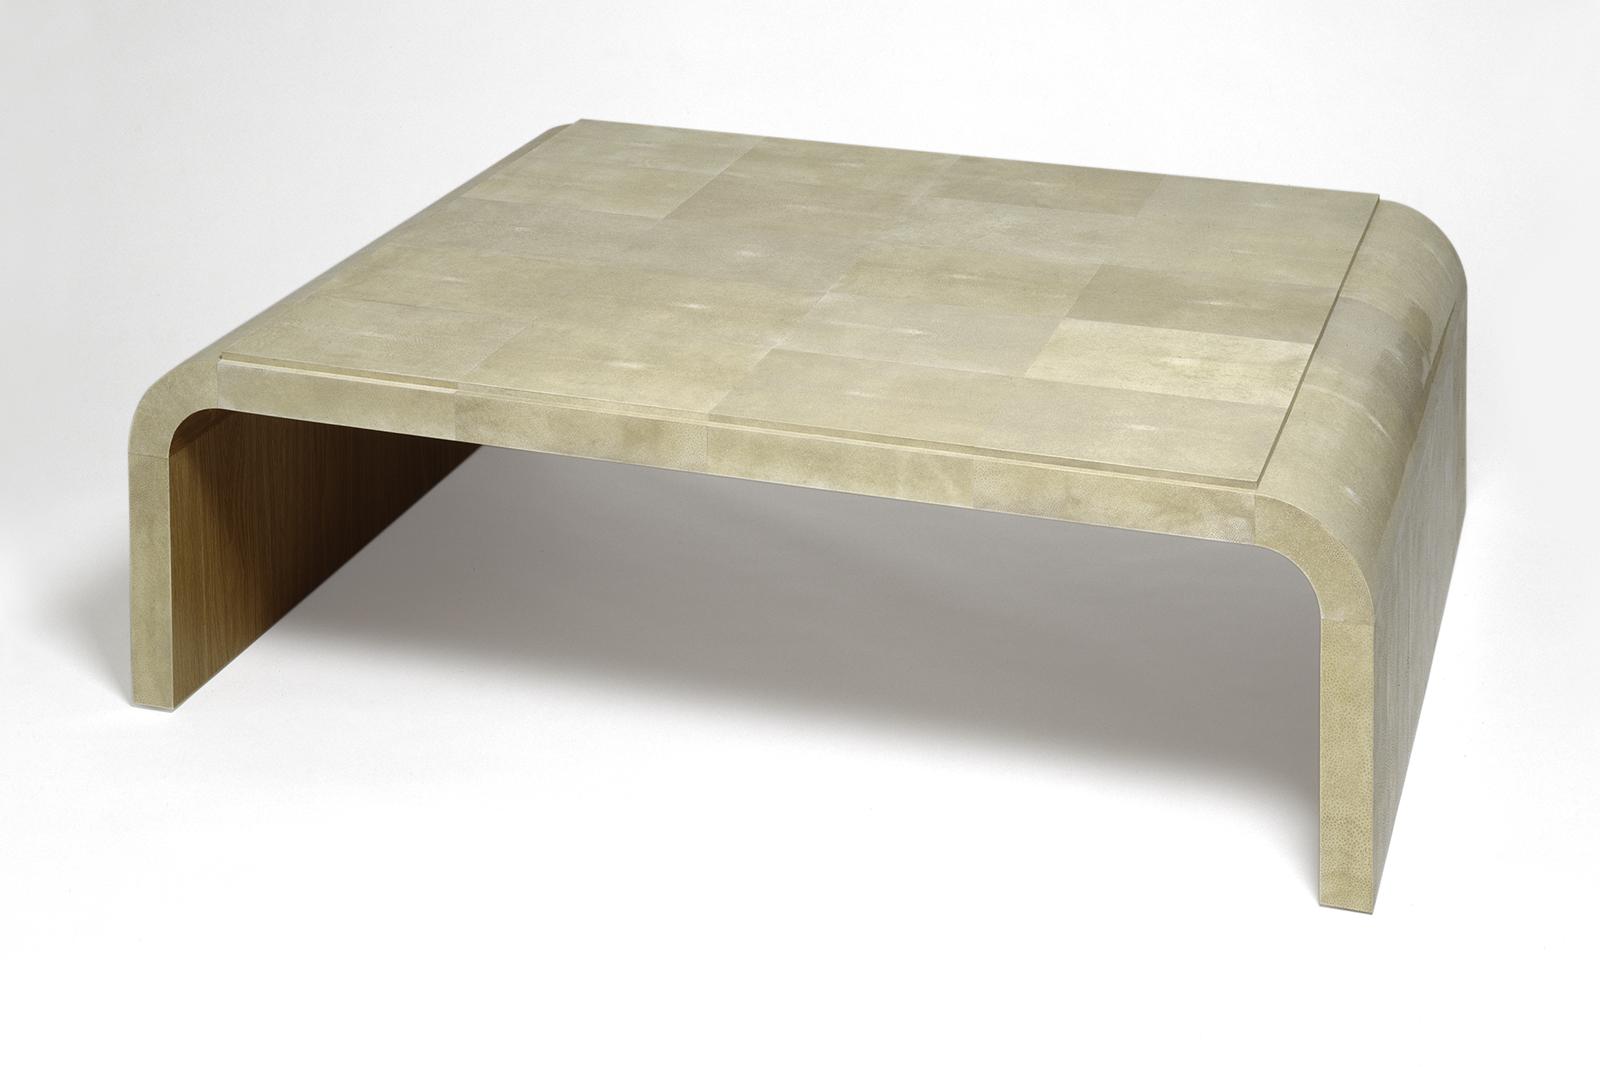 J.m. Frank Inspired Low Table In Shagreen & Oak